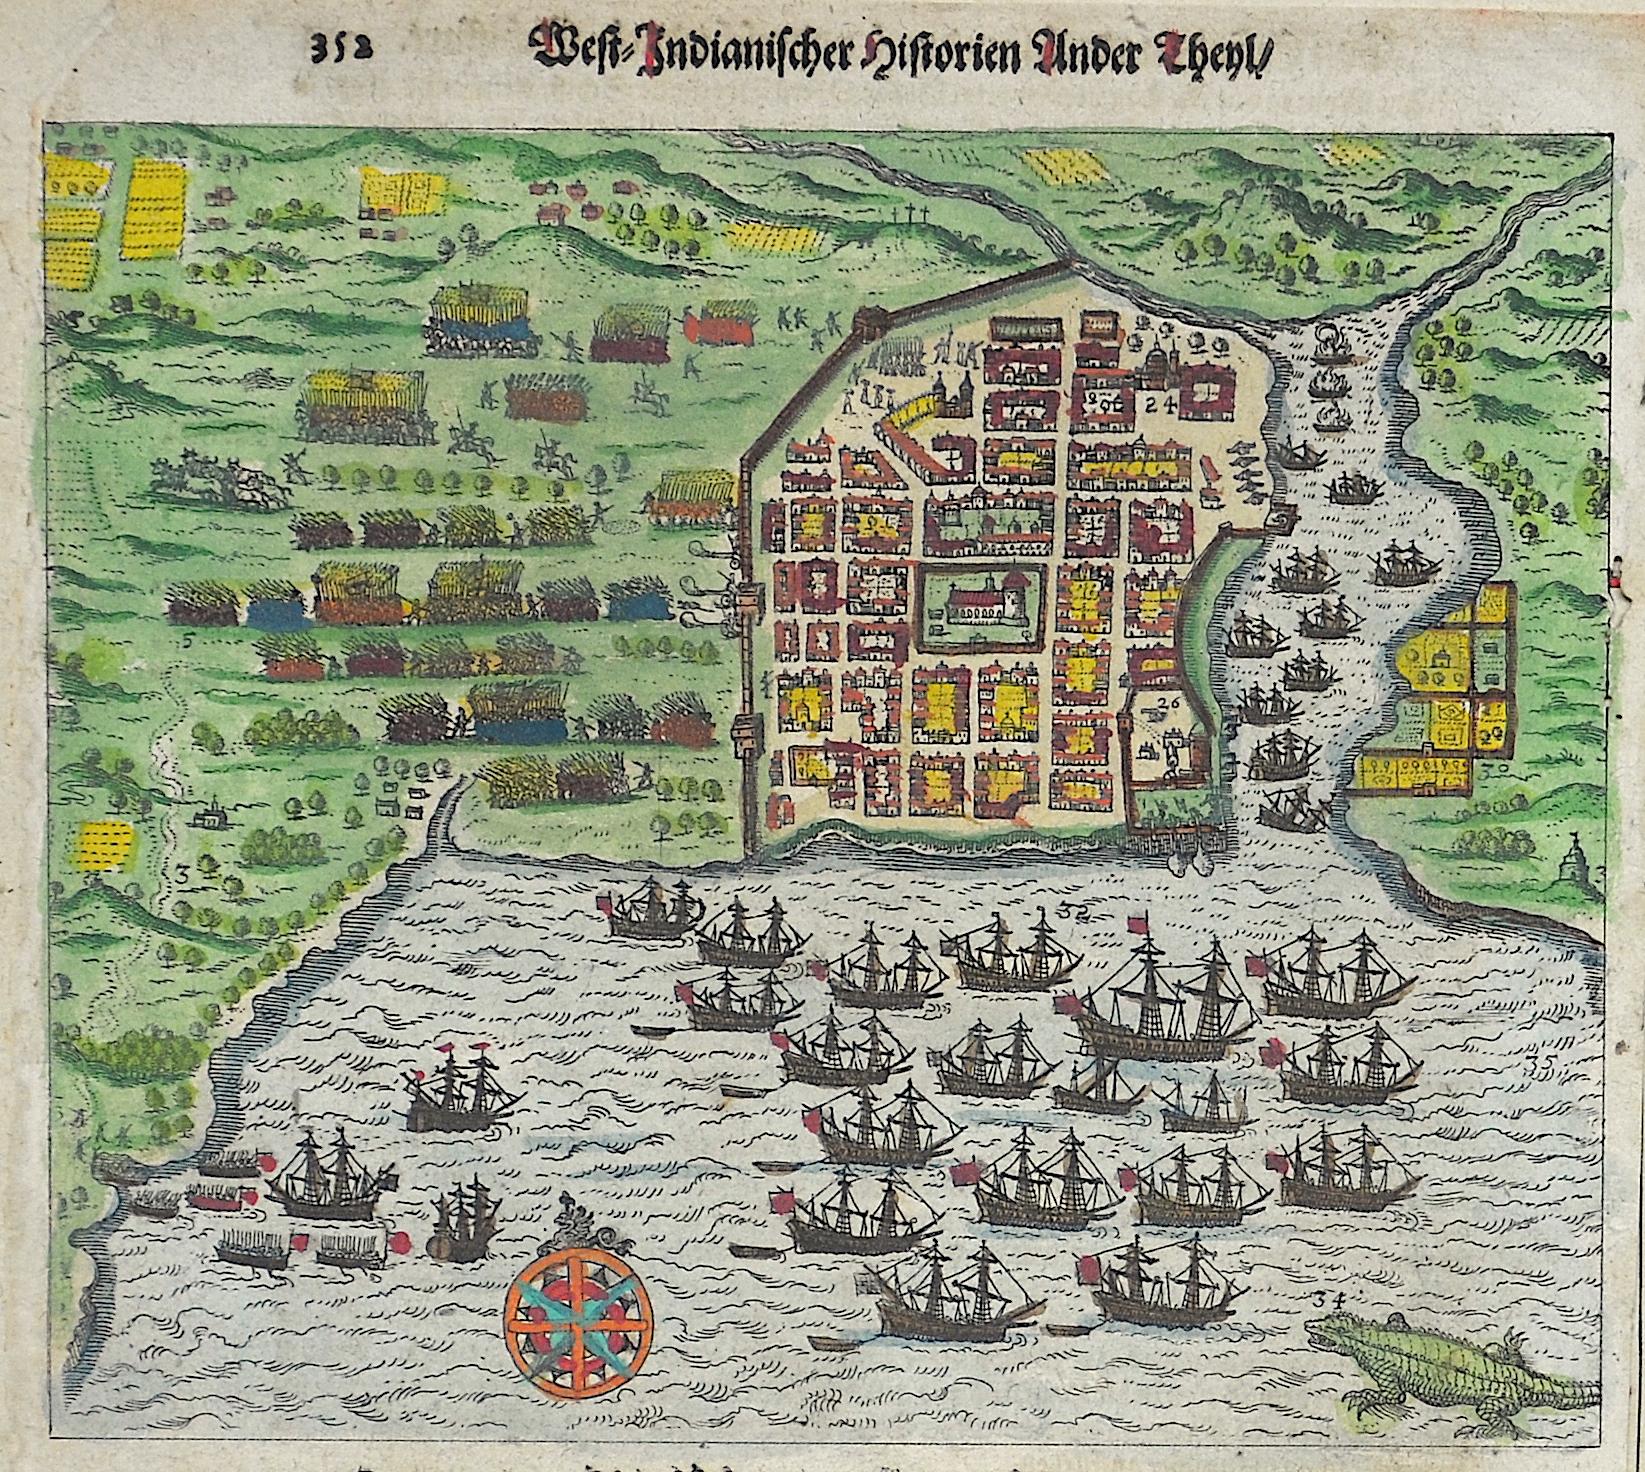 Bry, de  West-Indianischer Historien Ander Theyl / Die Statt Carthagena ohn widerstand eingenommen.